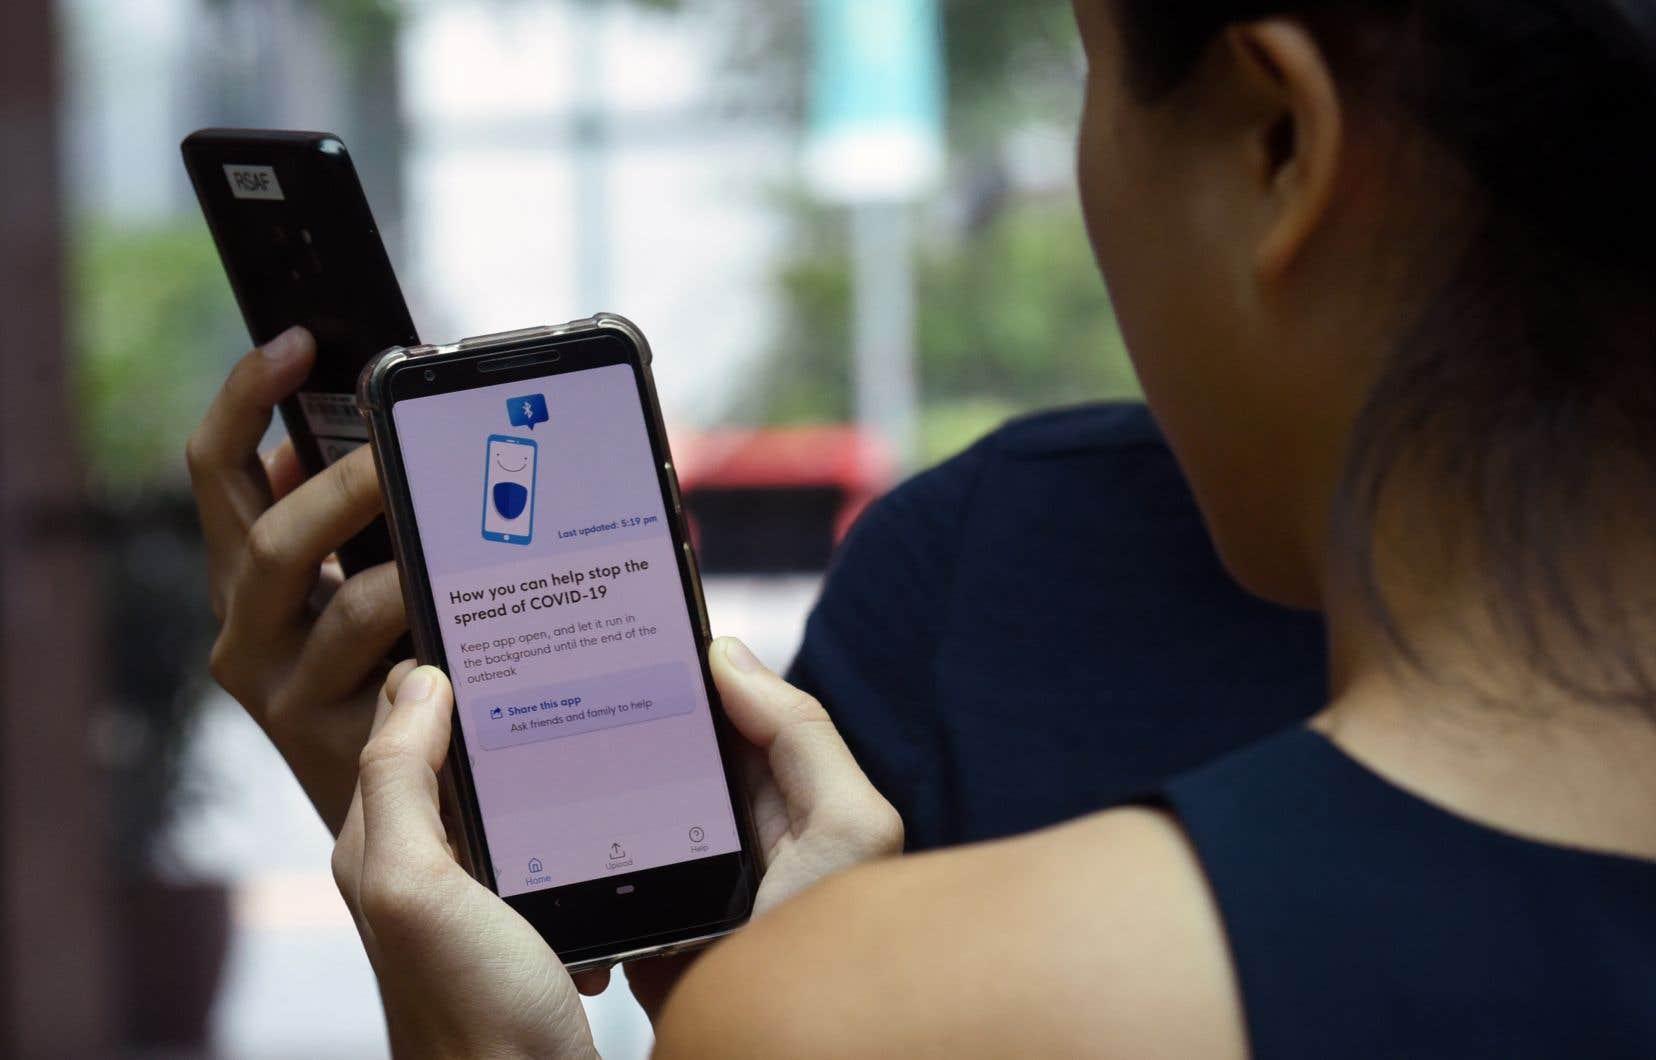 Singapour a mis en place une application mobile,TraceTogether. En utilisant la technologie Bluetooth, elle prévient les personnes qui auraient pu être en contact avec quelqu'un qui est porteur du coronavirus.